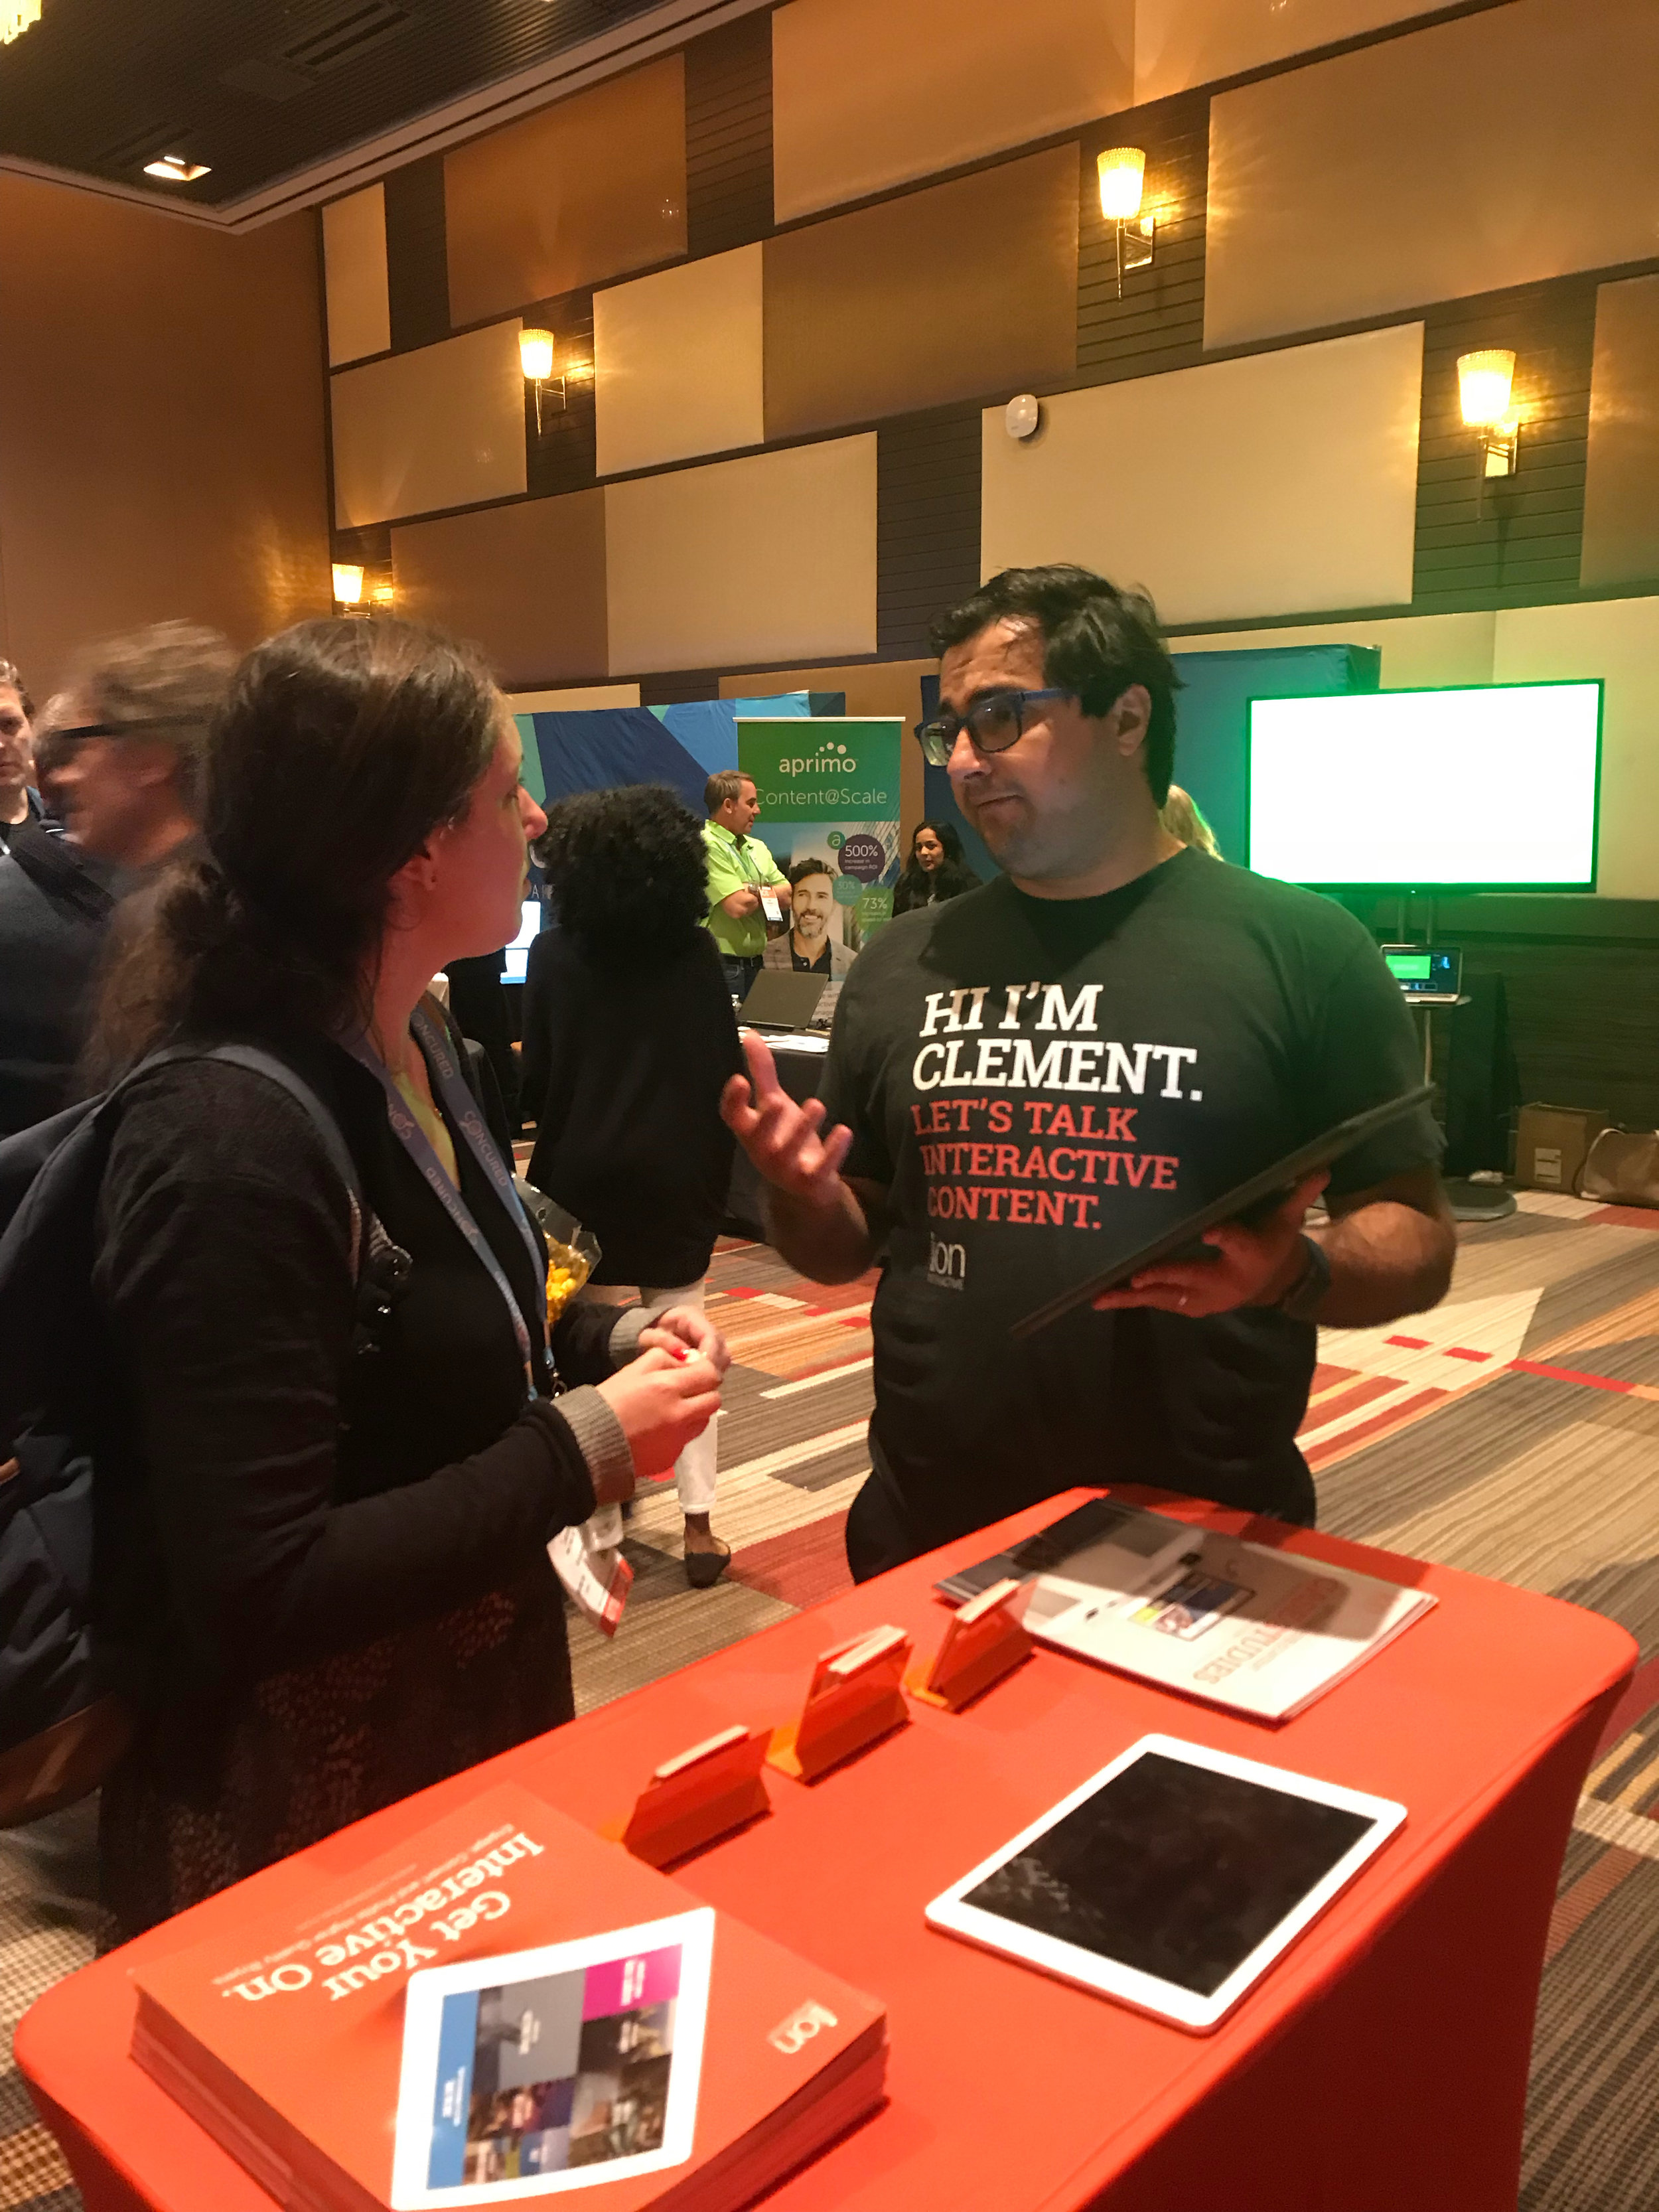 Clément talking interactive content.